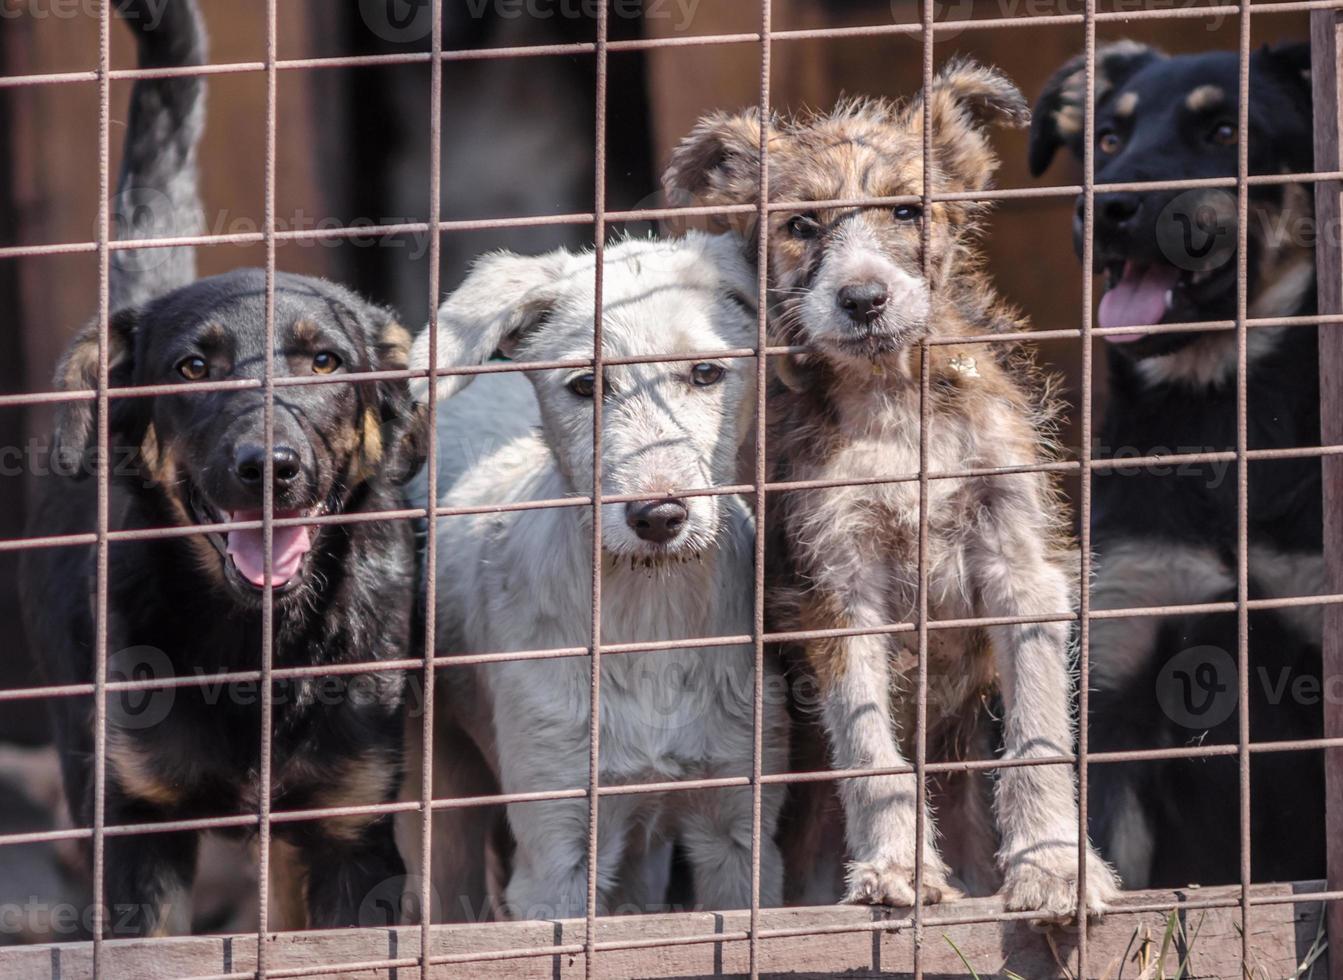 quatre chiots derrière une clôture métallique photo